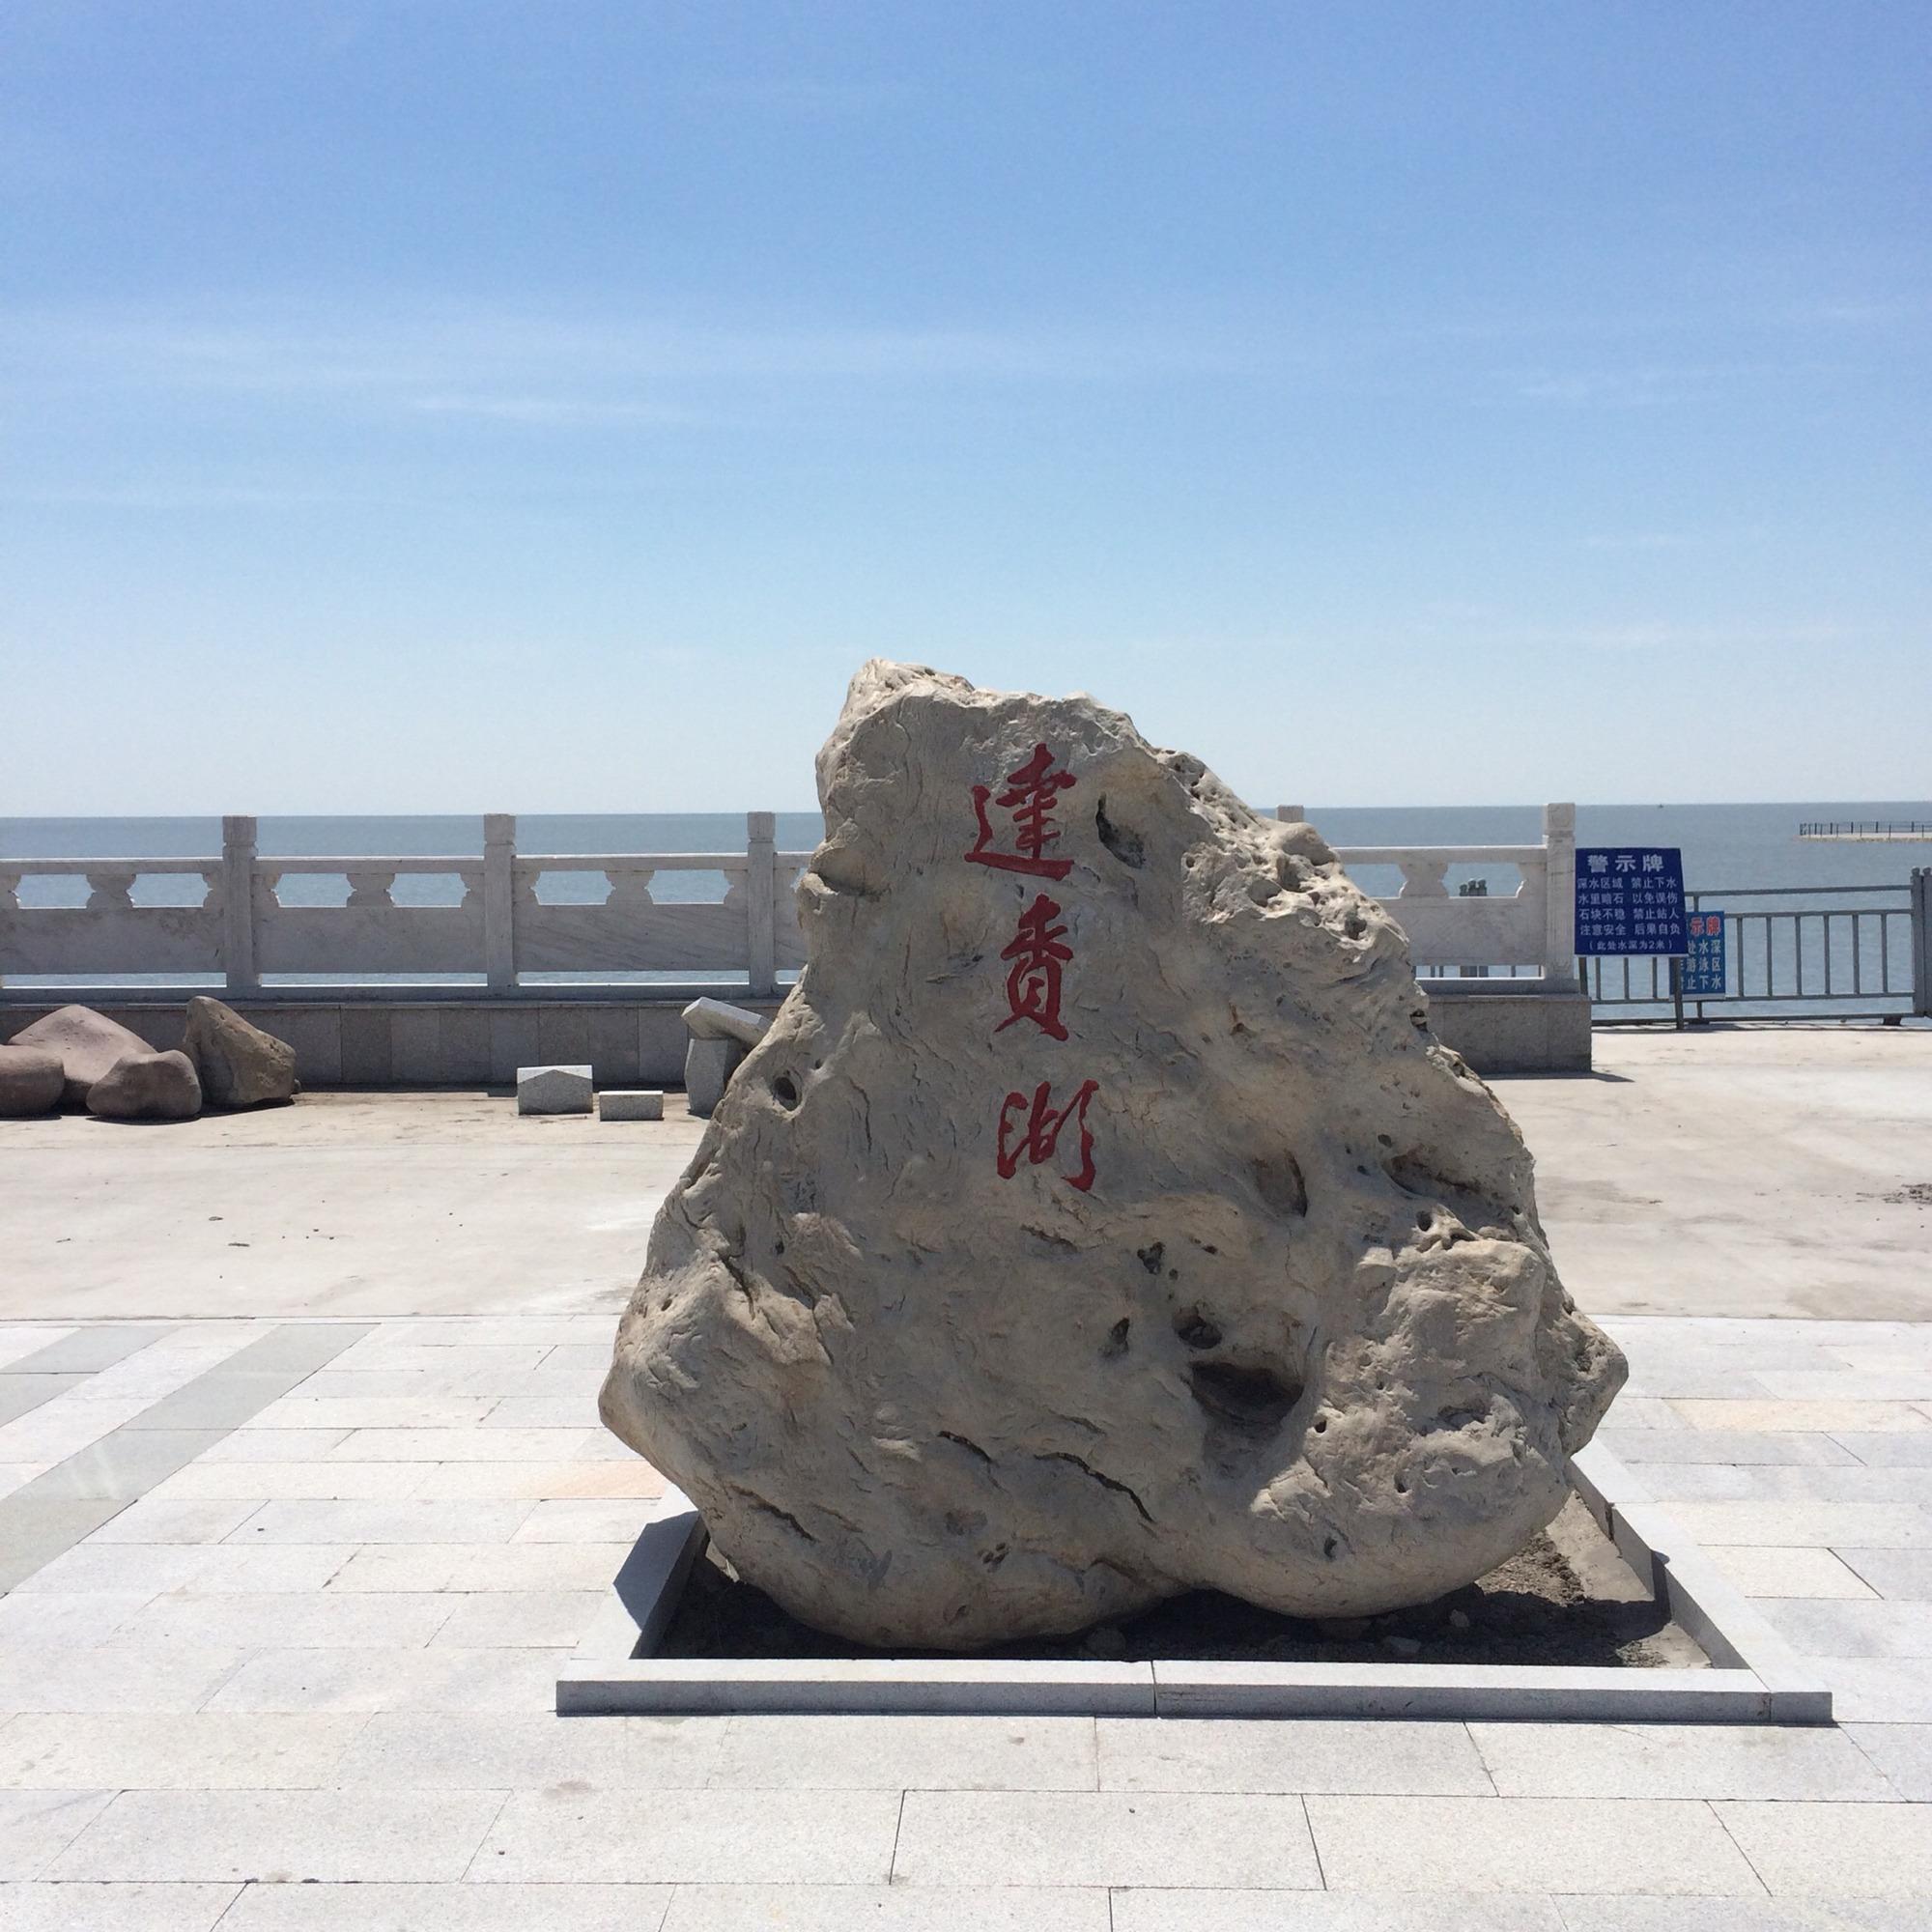 锡林郭勒宽城广场雕塑